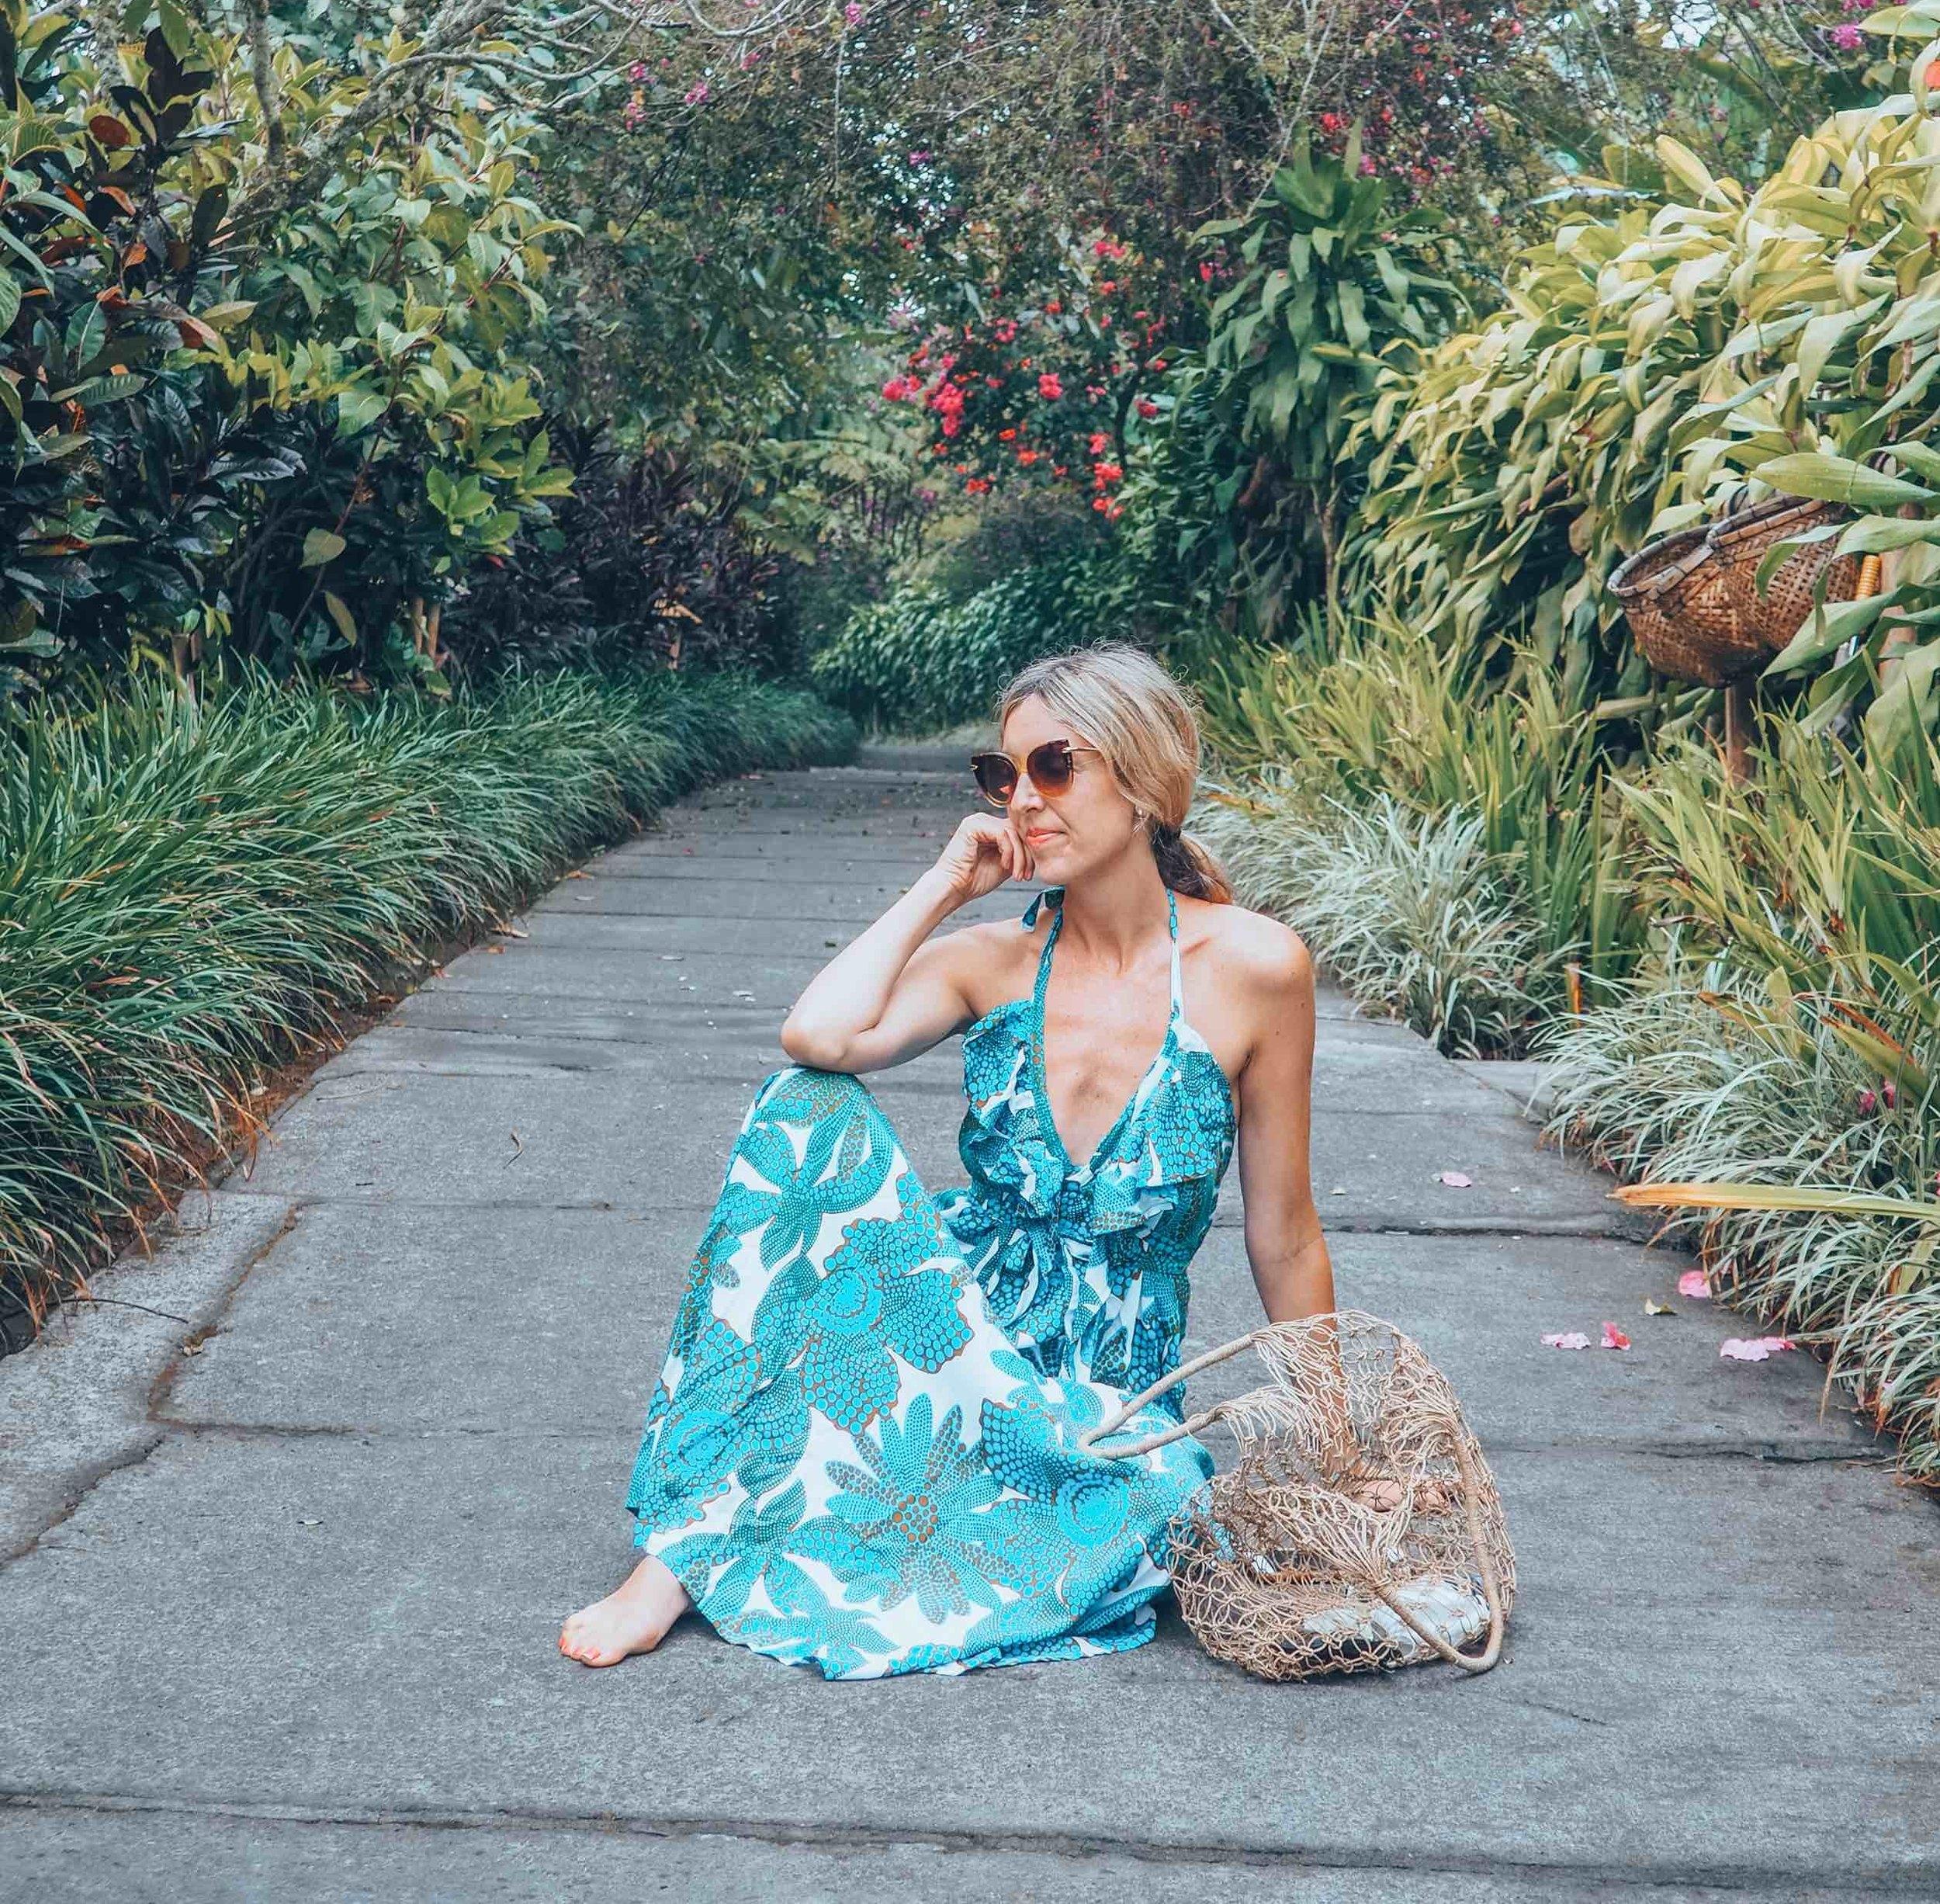 ubud market shopping bali island vacation style luxury clothing